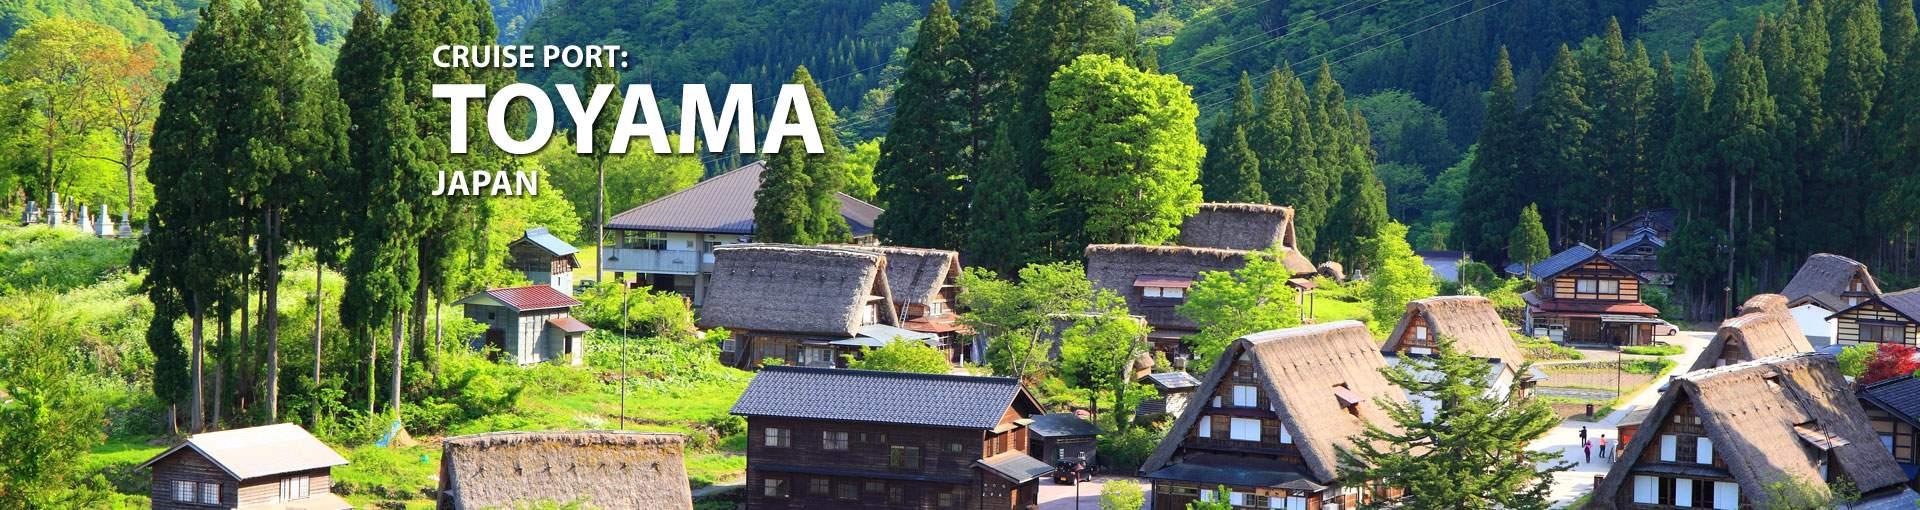 Cruises to Toyama, Japan